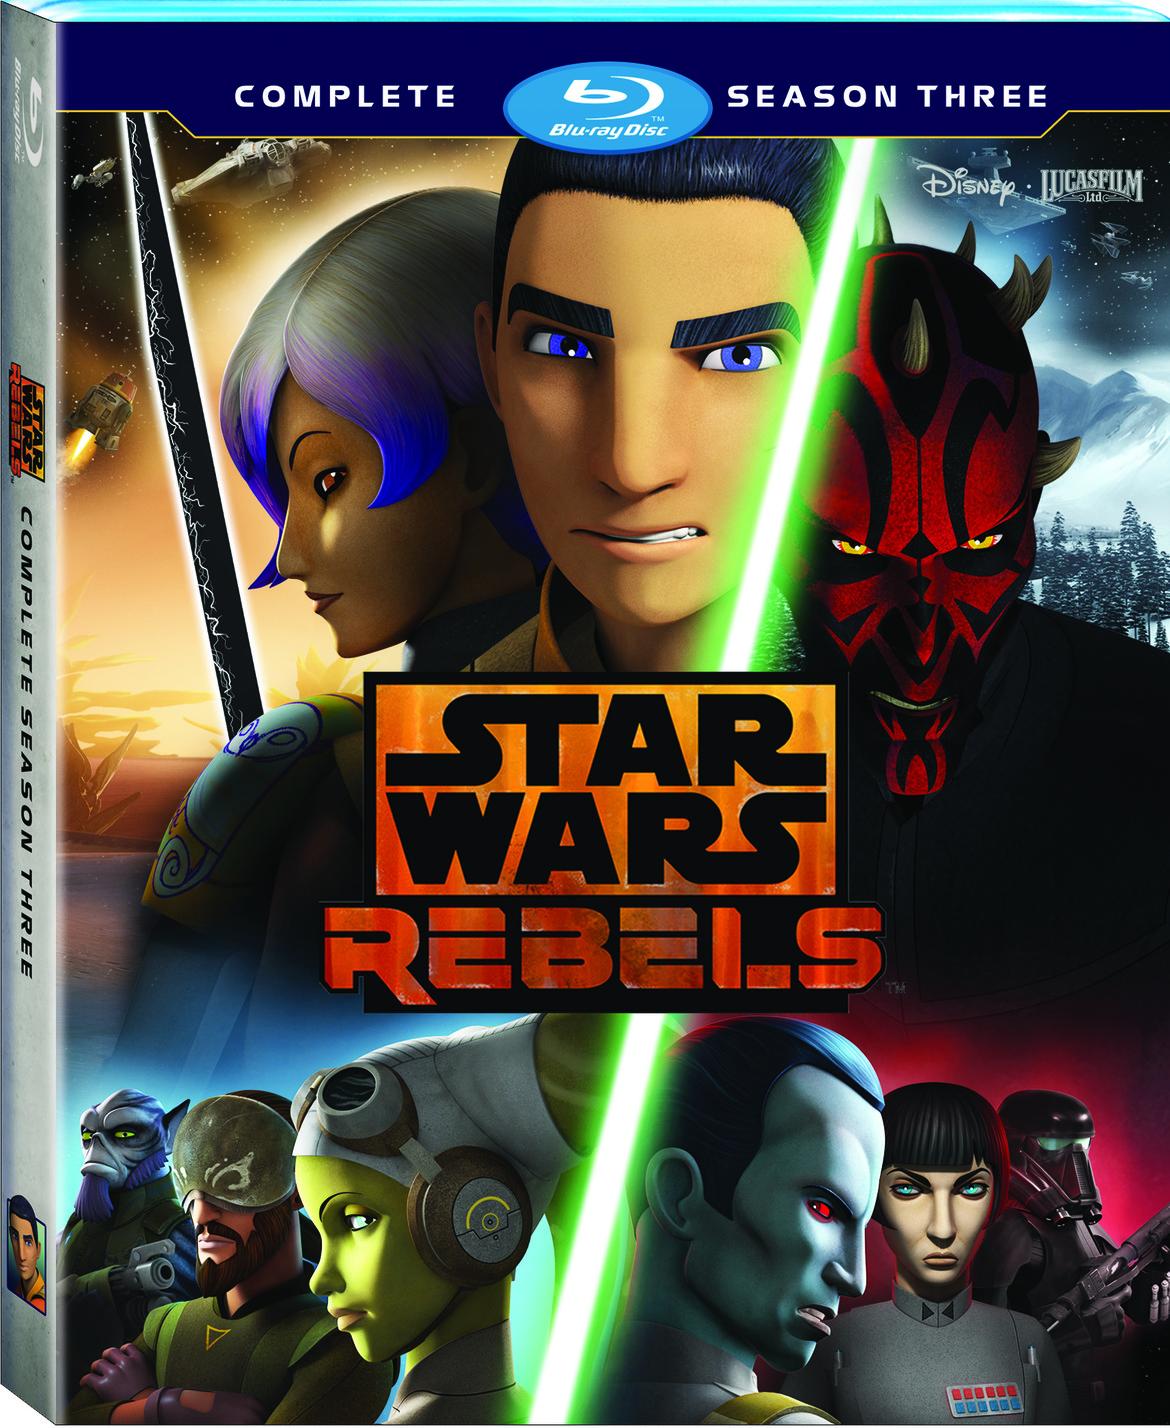 star wars rebels S3.jpg